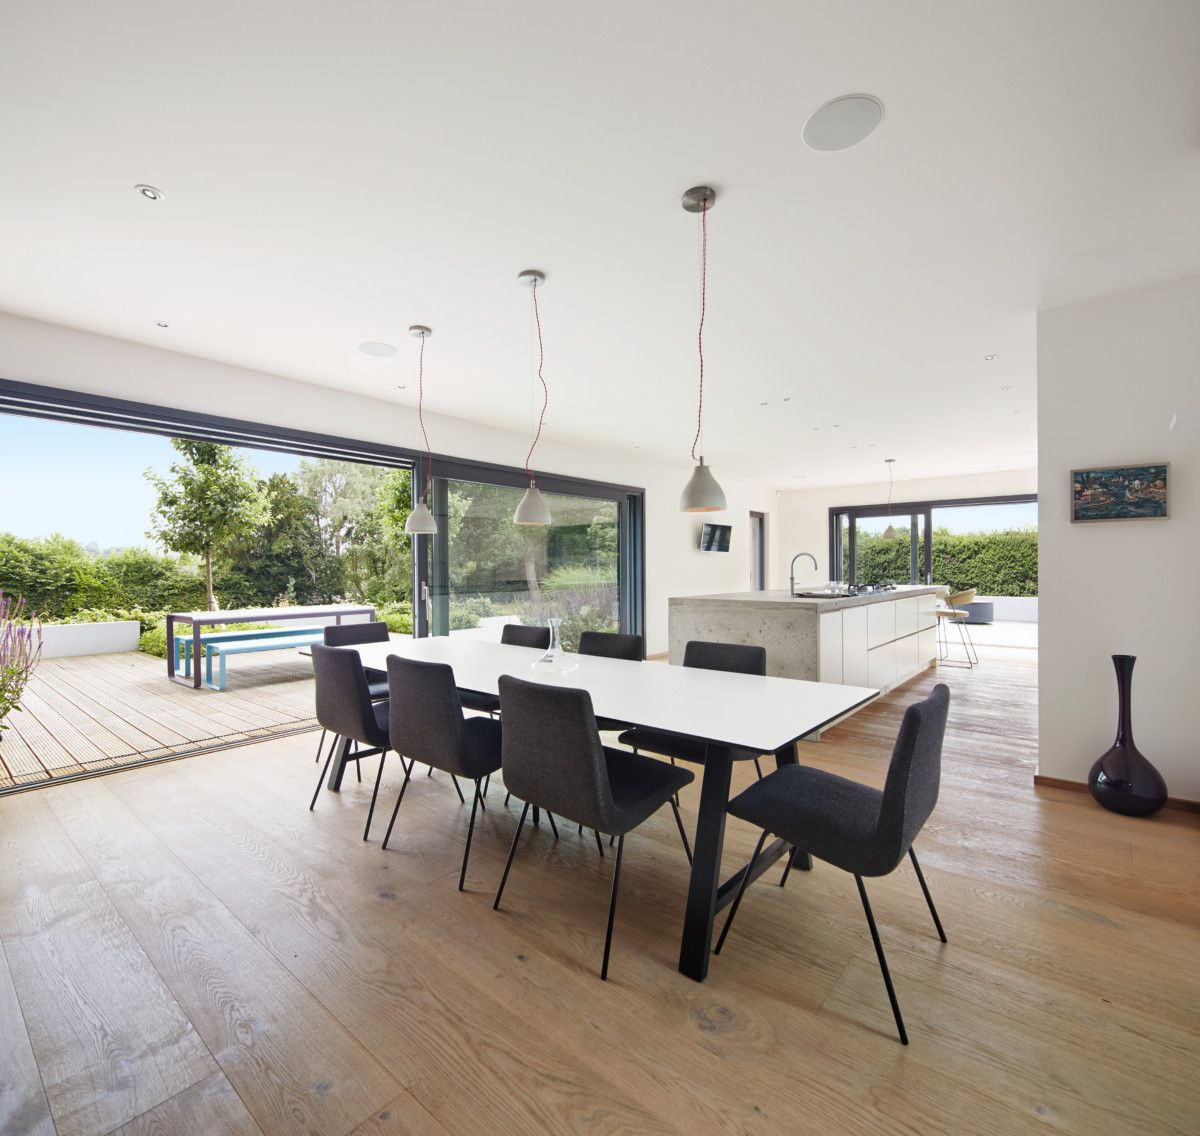 Esszimmer modern mit offener Küche - Ideen Einrichtung Design-Haus ...